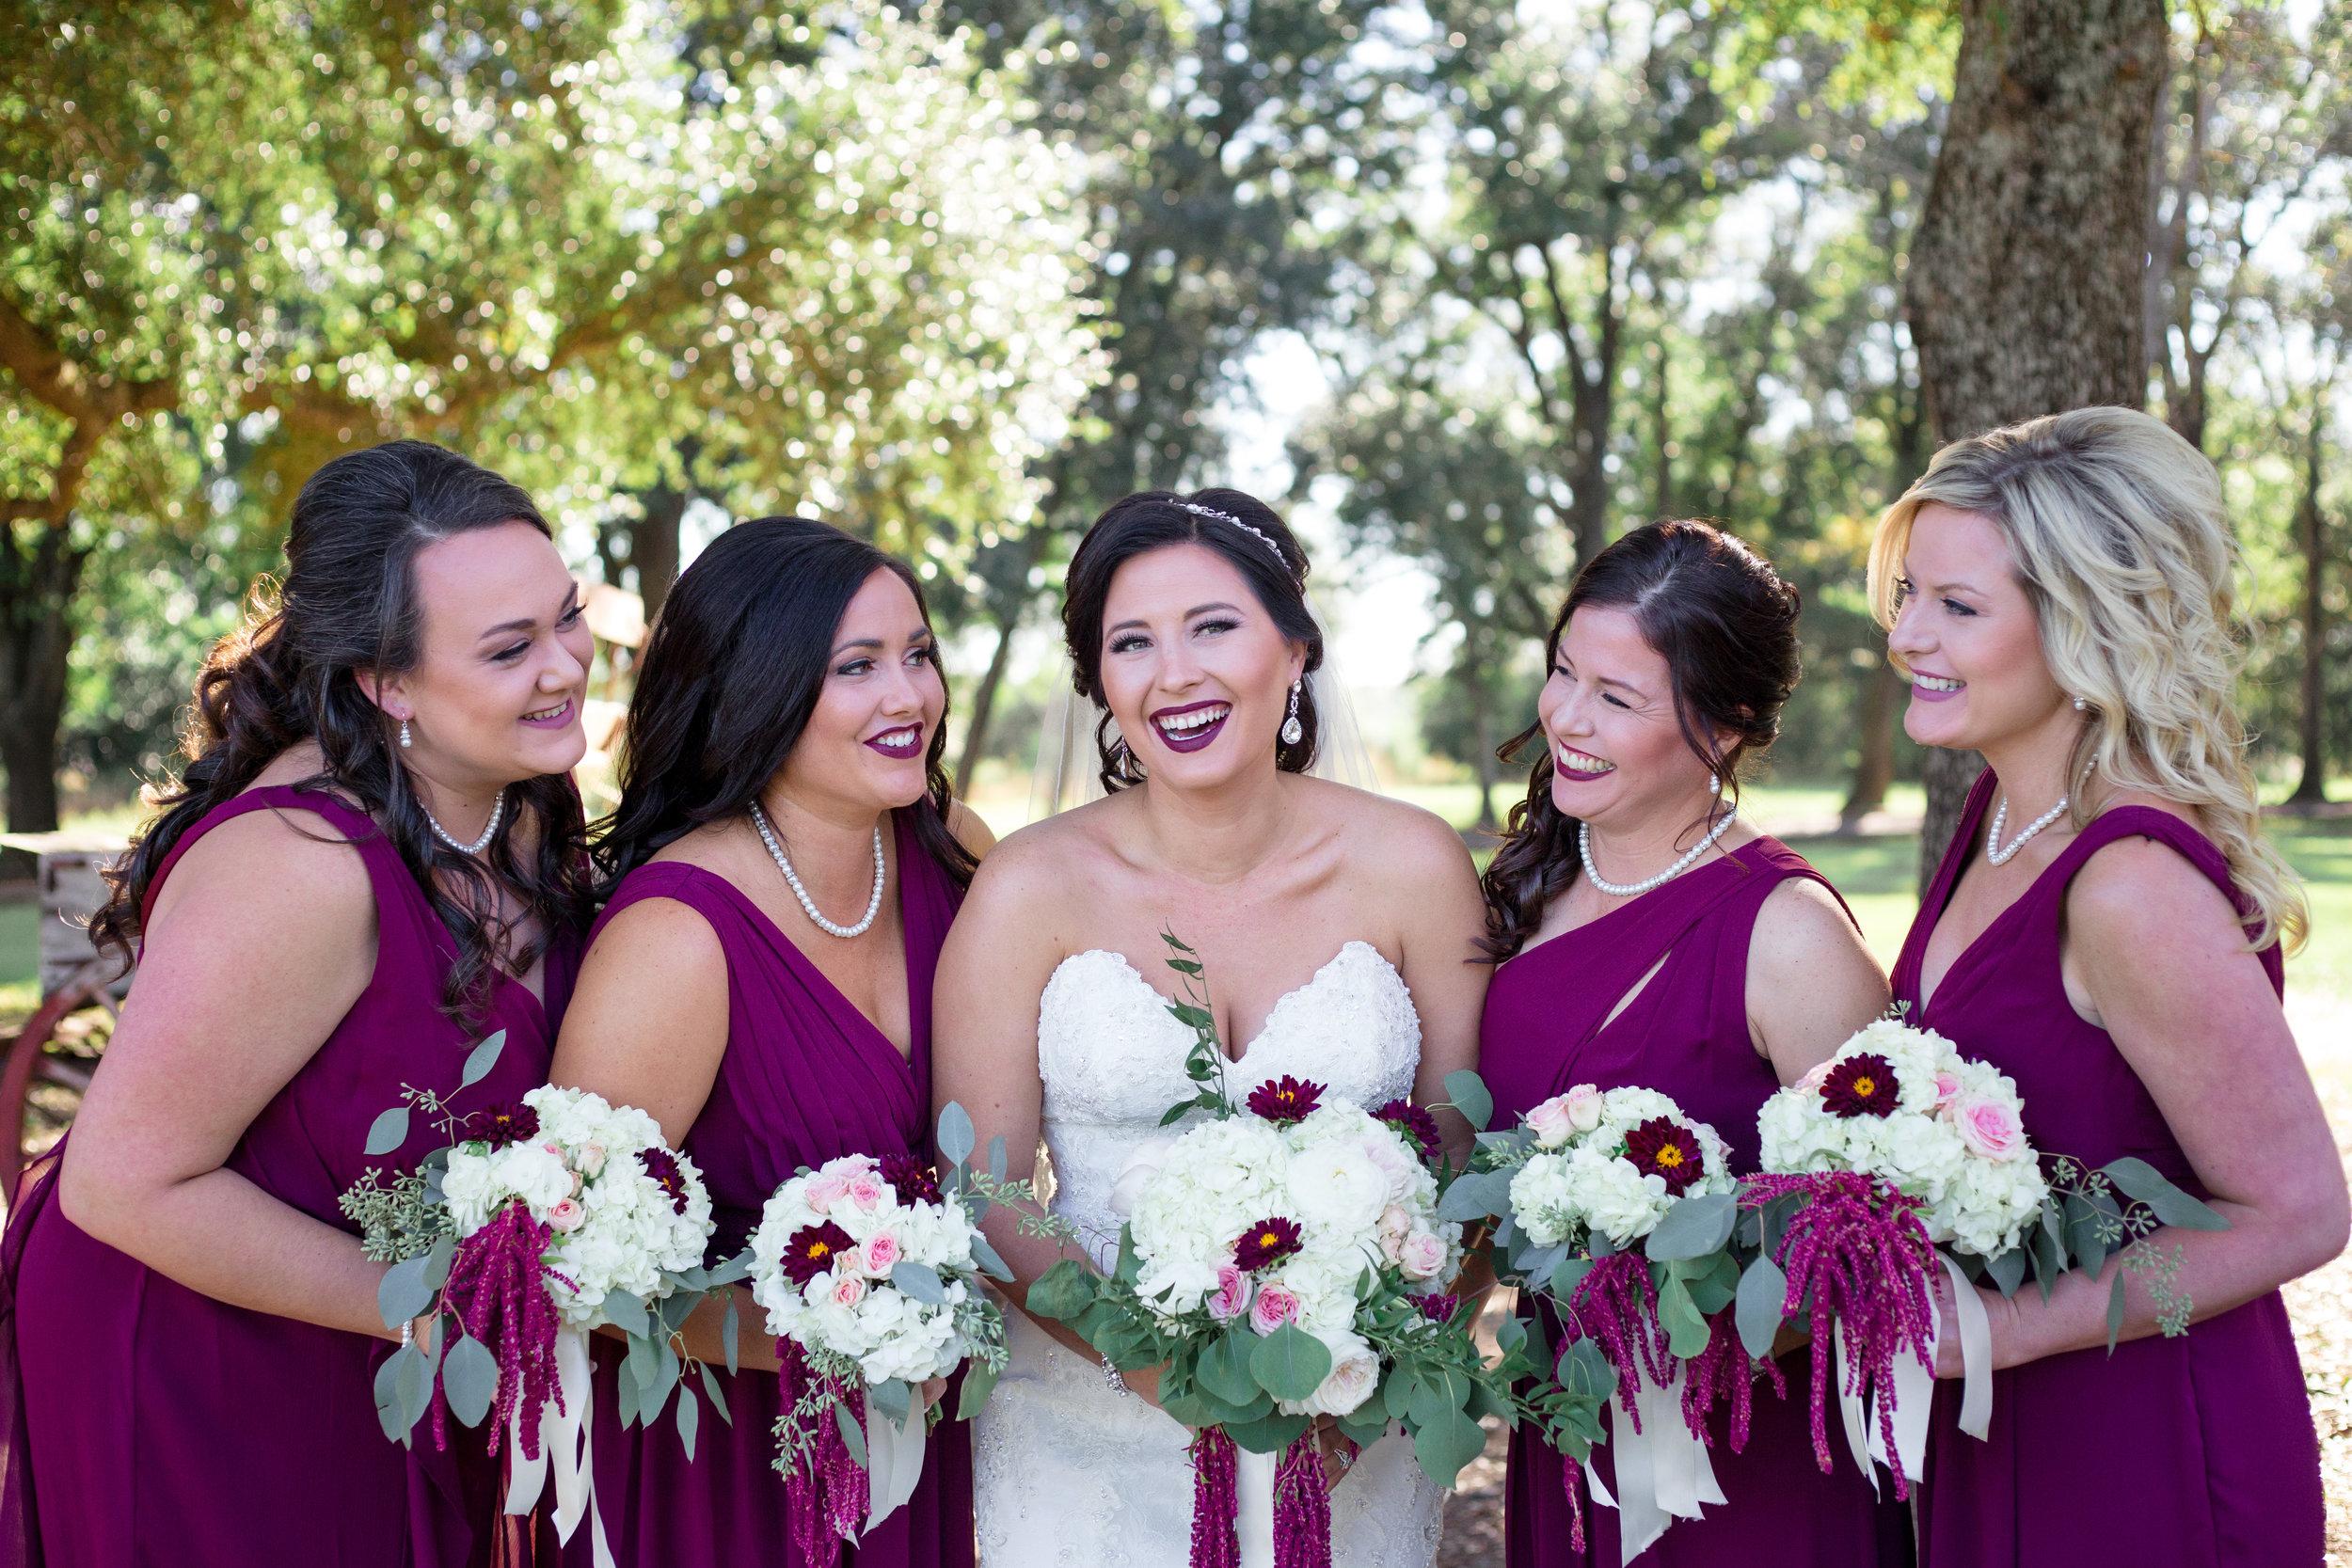 Barn-Wedding-Ates-Ranch-Wedding-Photo-Photography-Video-Videography-Pensacola-Florida-Courtney-Clint-18.jpg